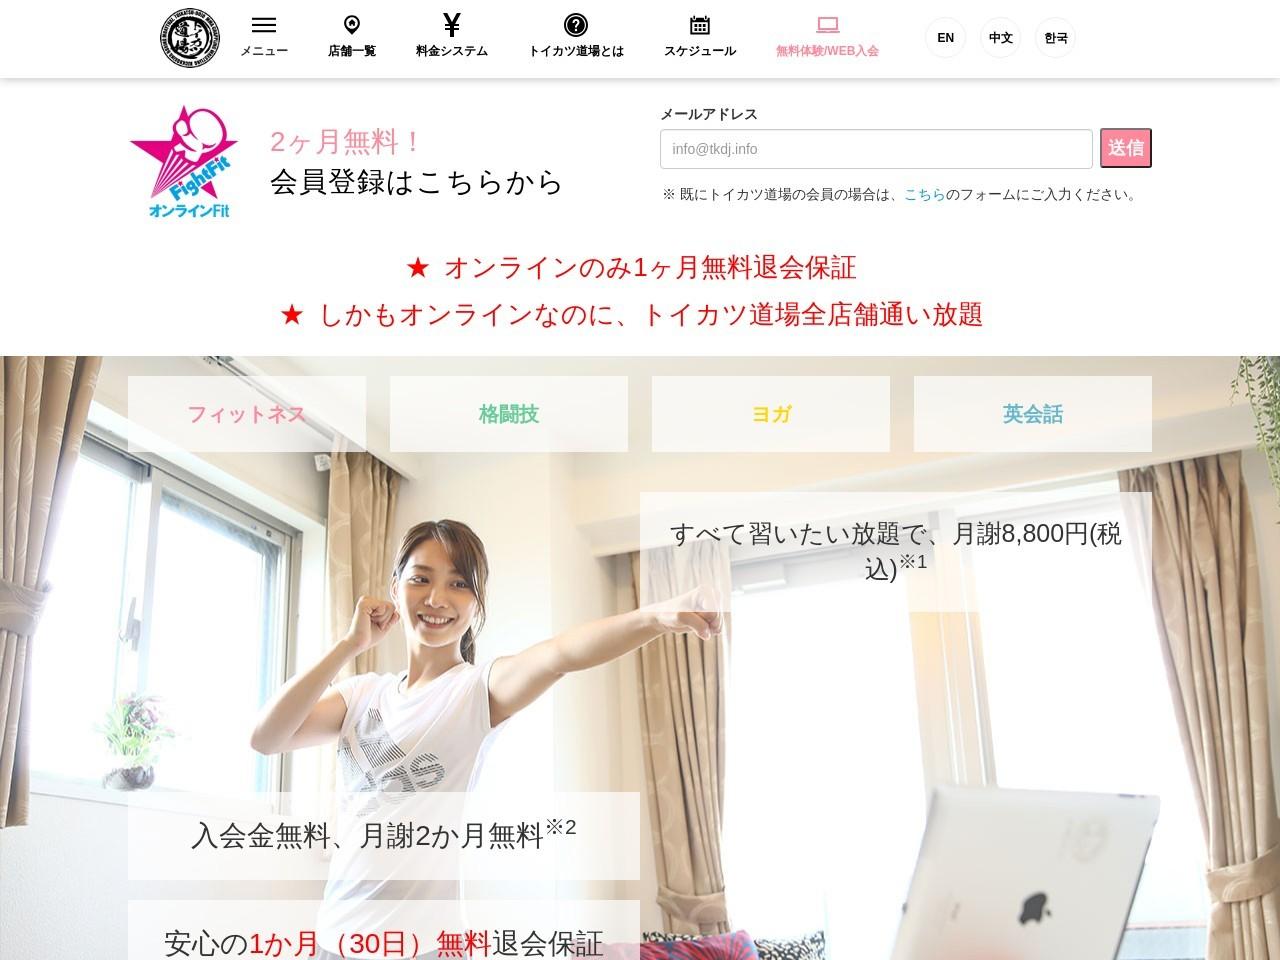 ファイトフィットオンラインFitのイメージ写真